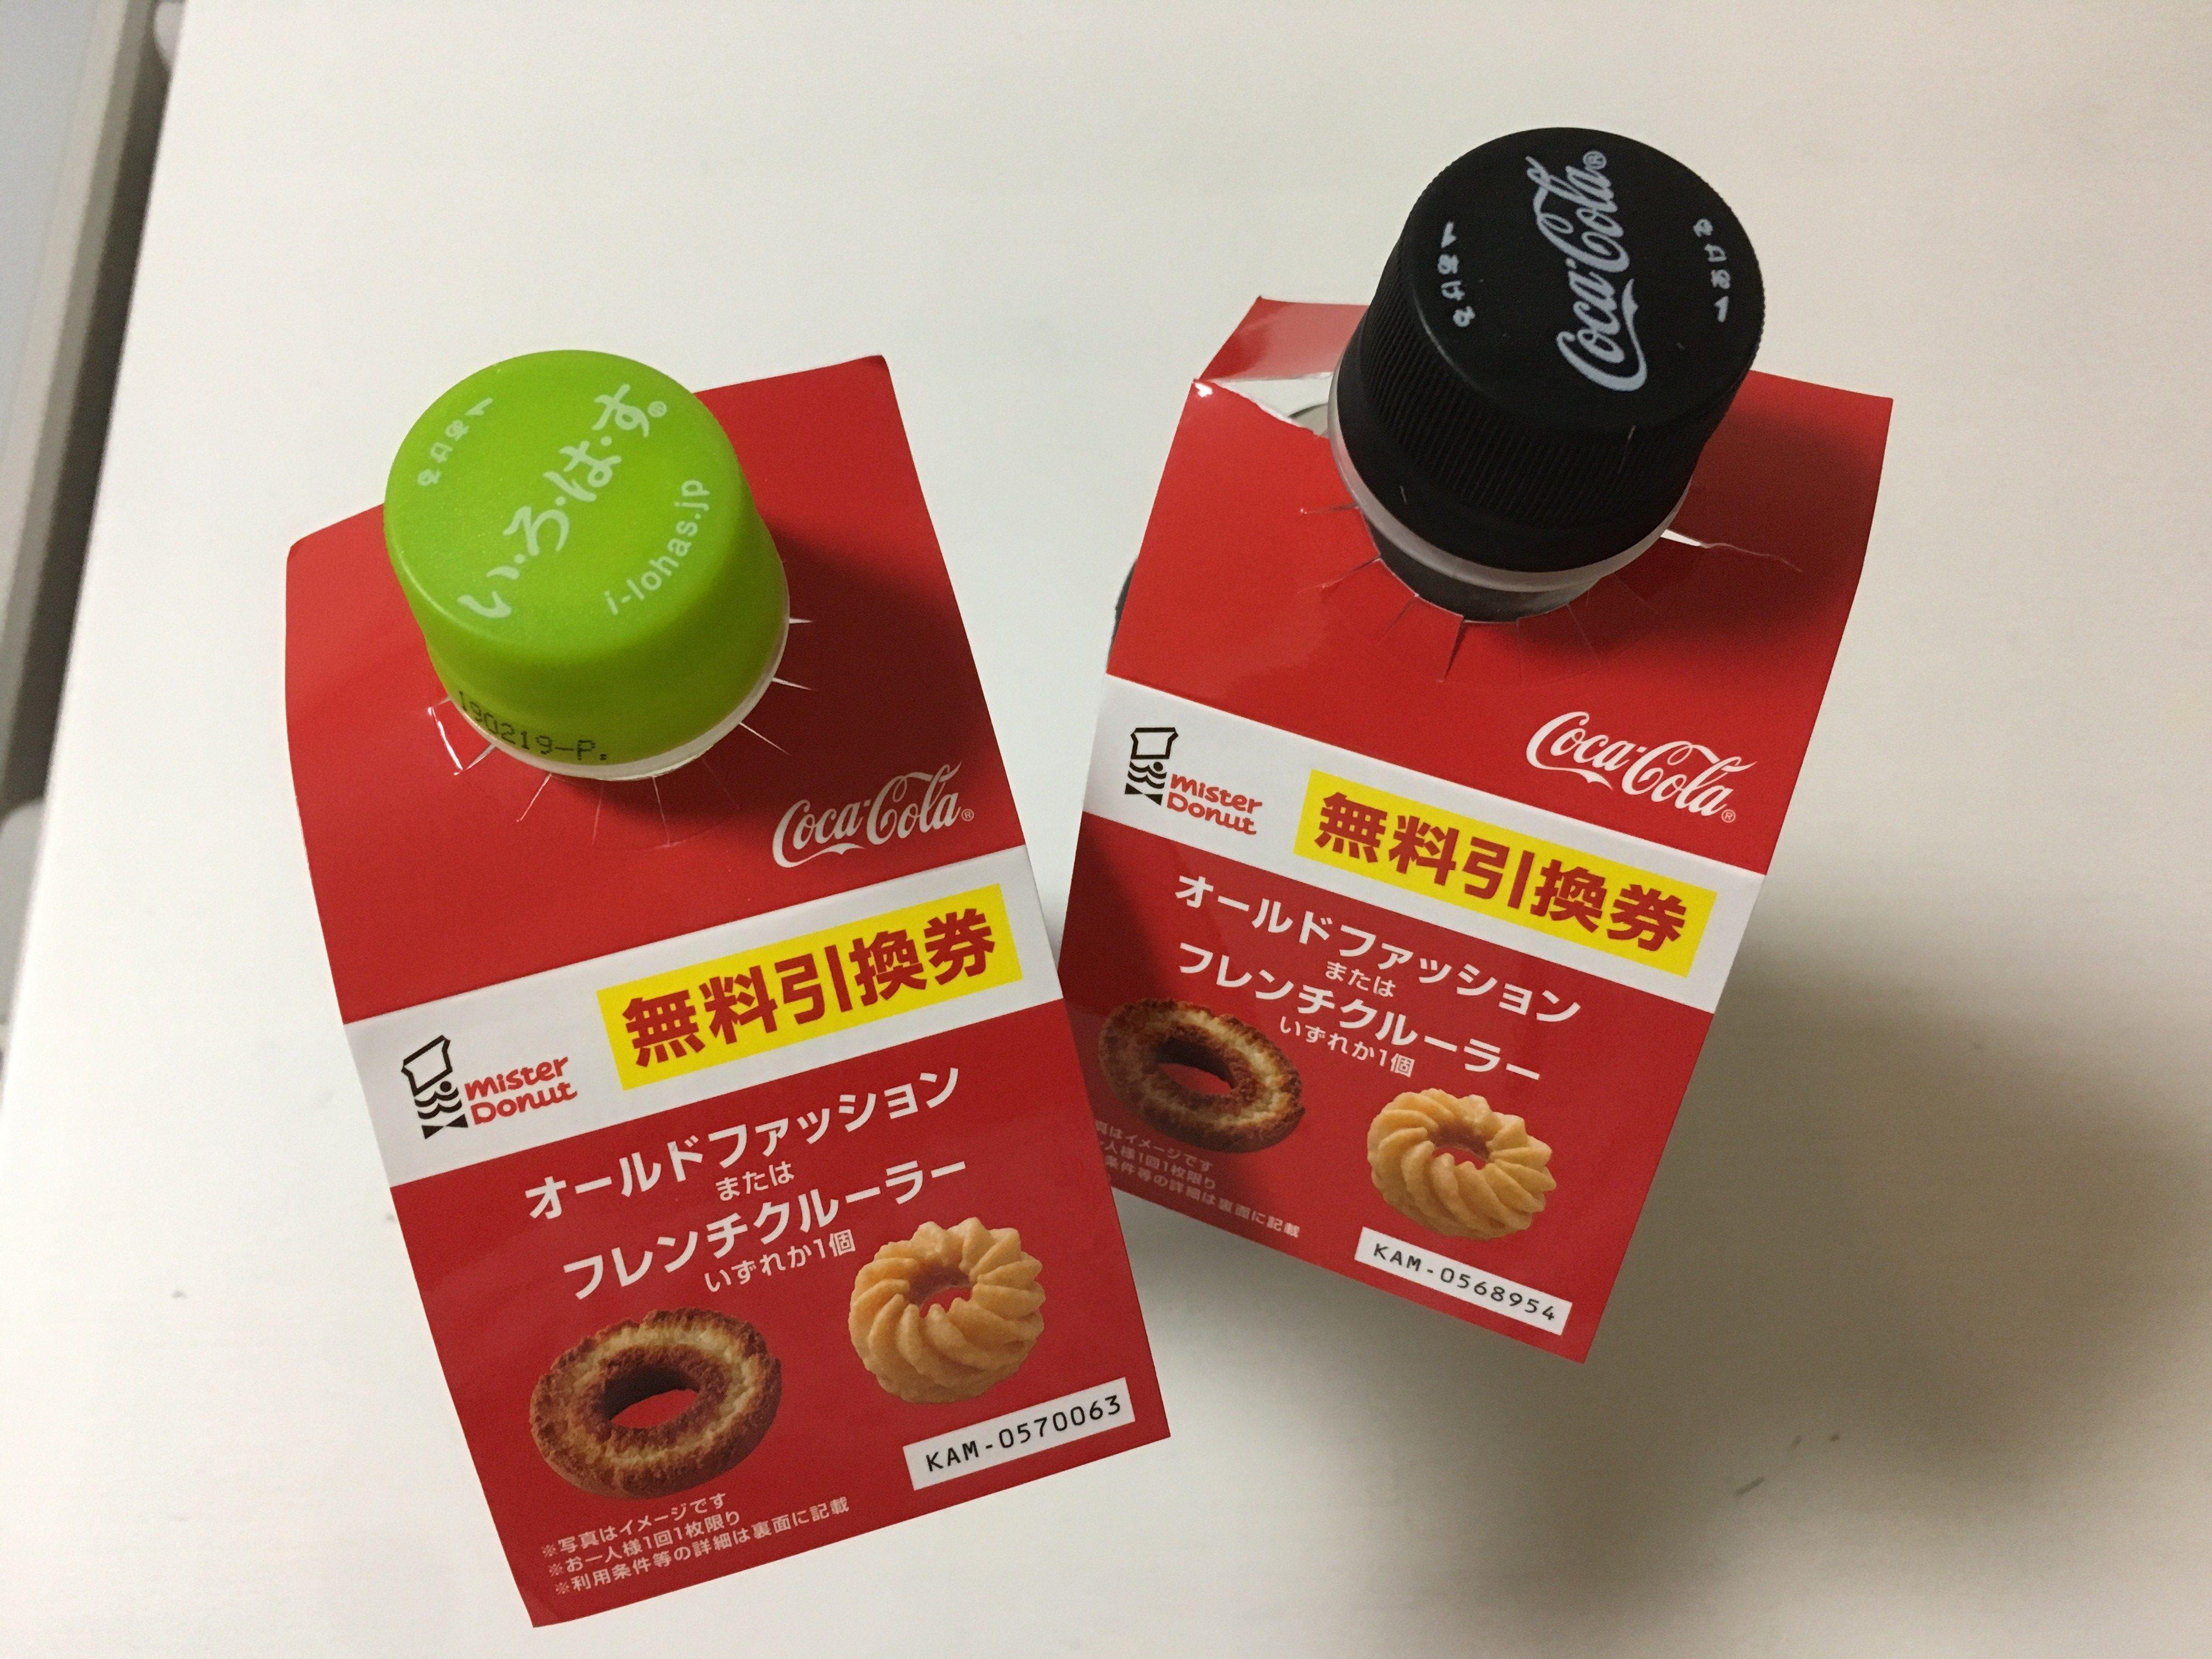 コカ・コーラ対象商品購入でミスドの無料引換券がもらえます!